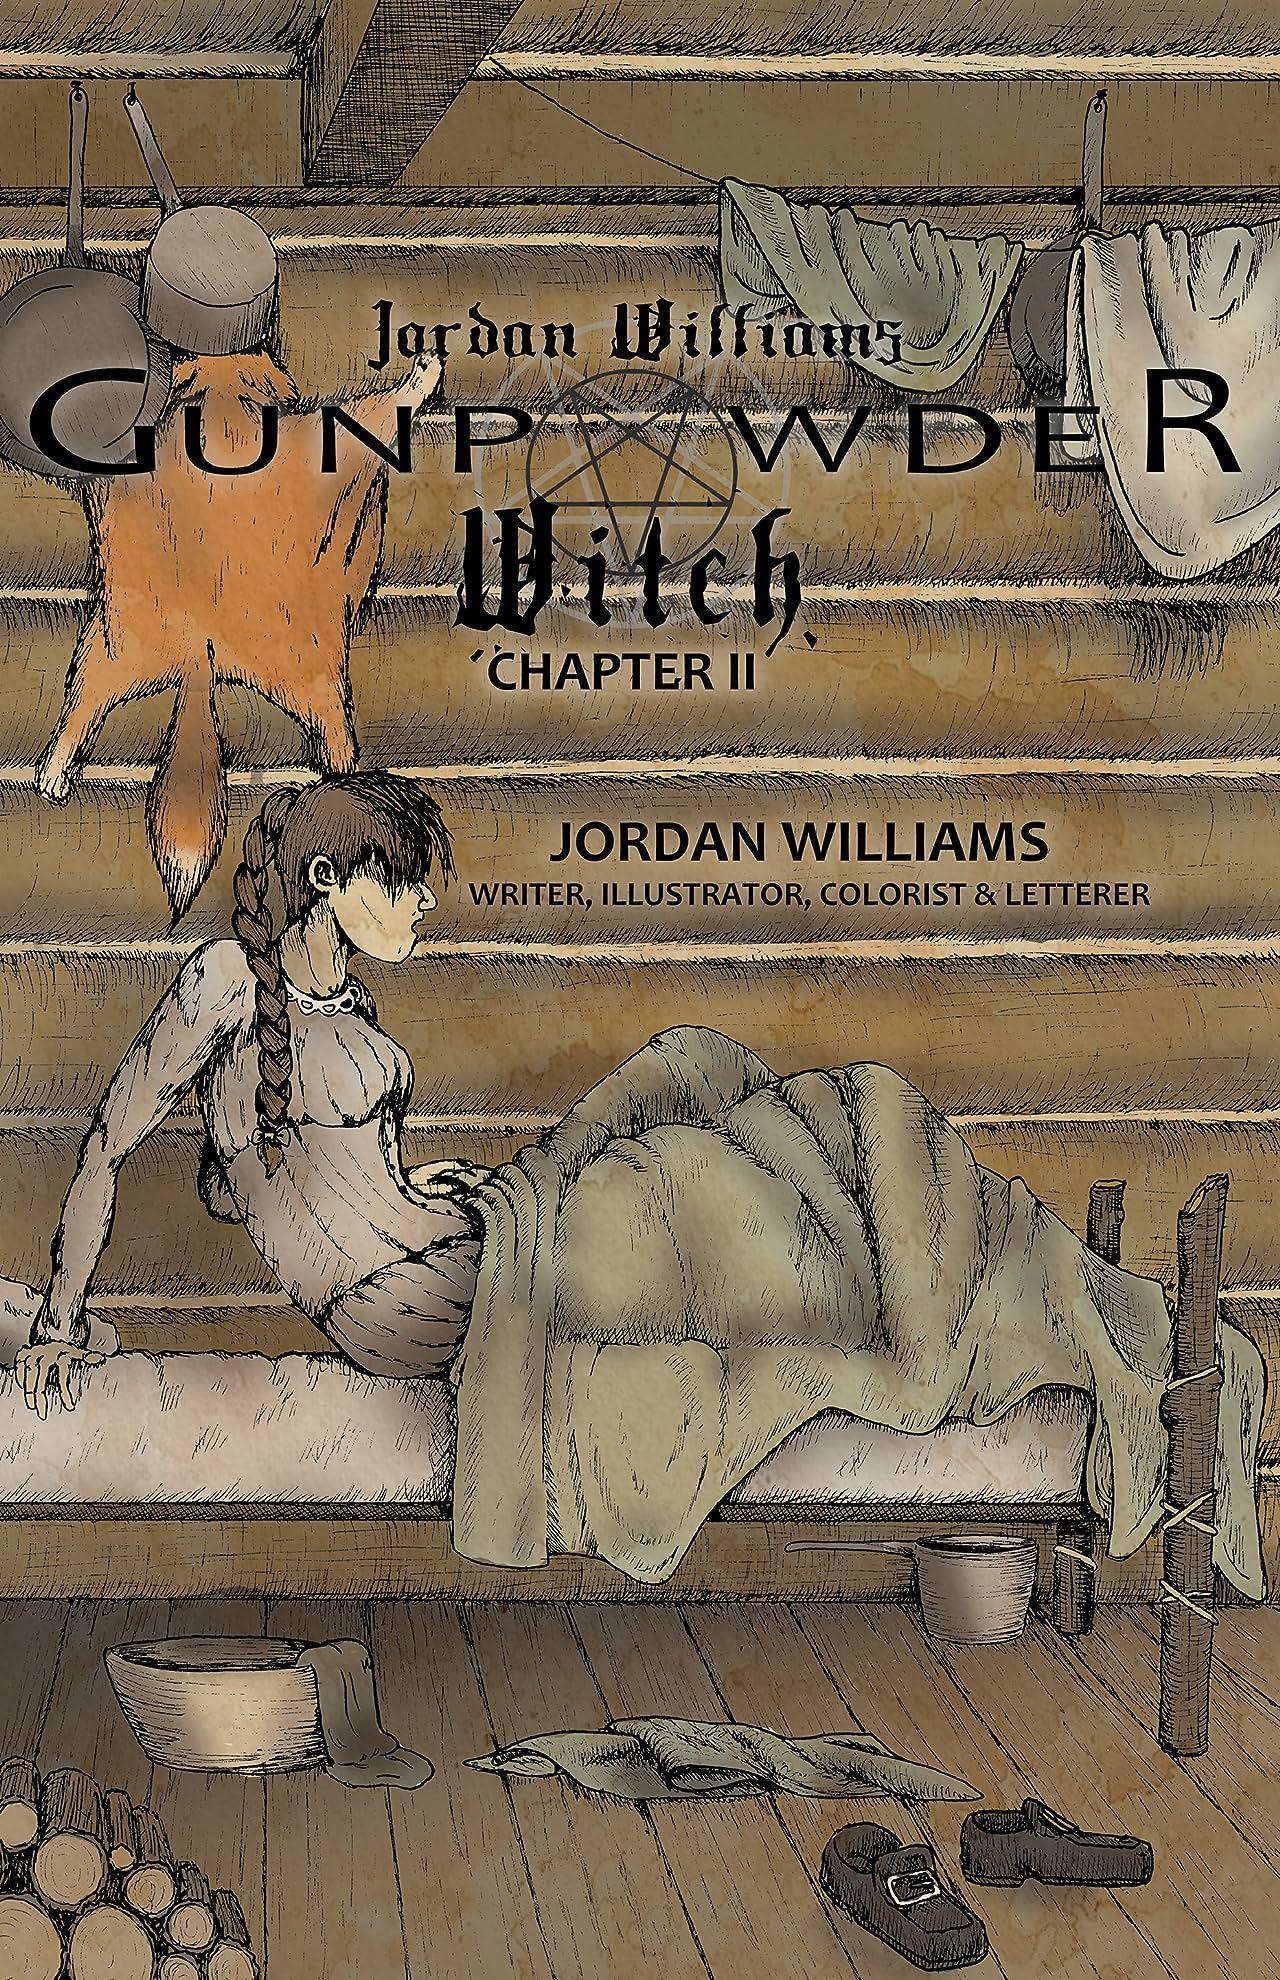 Gunpowder Witch #2